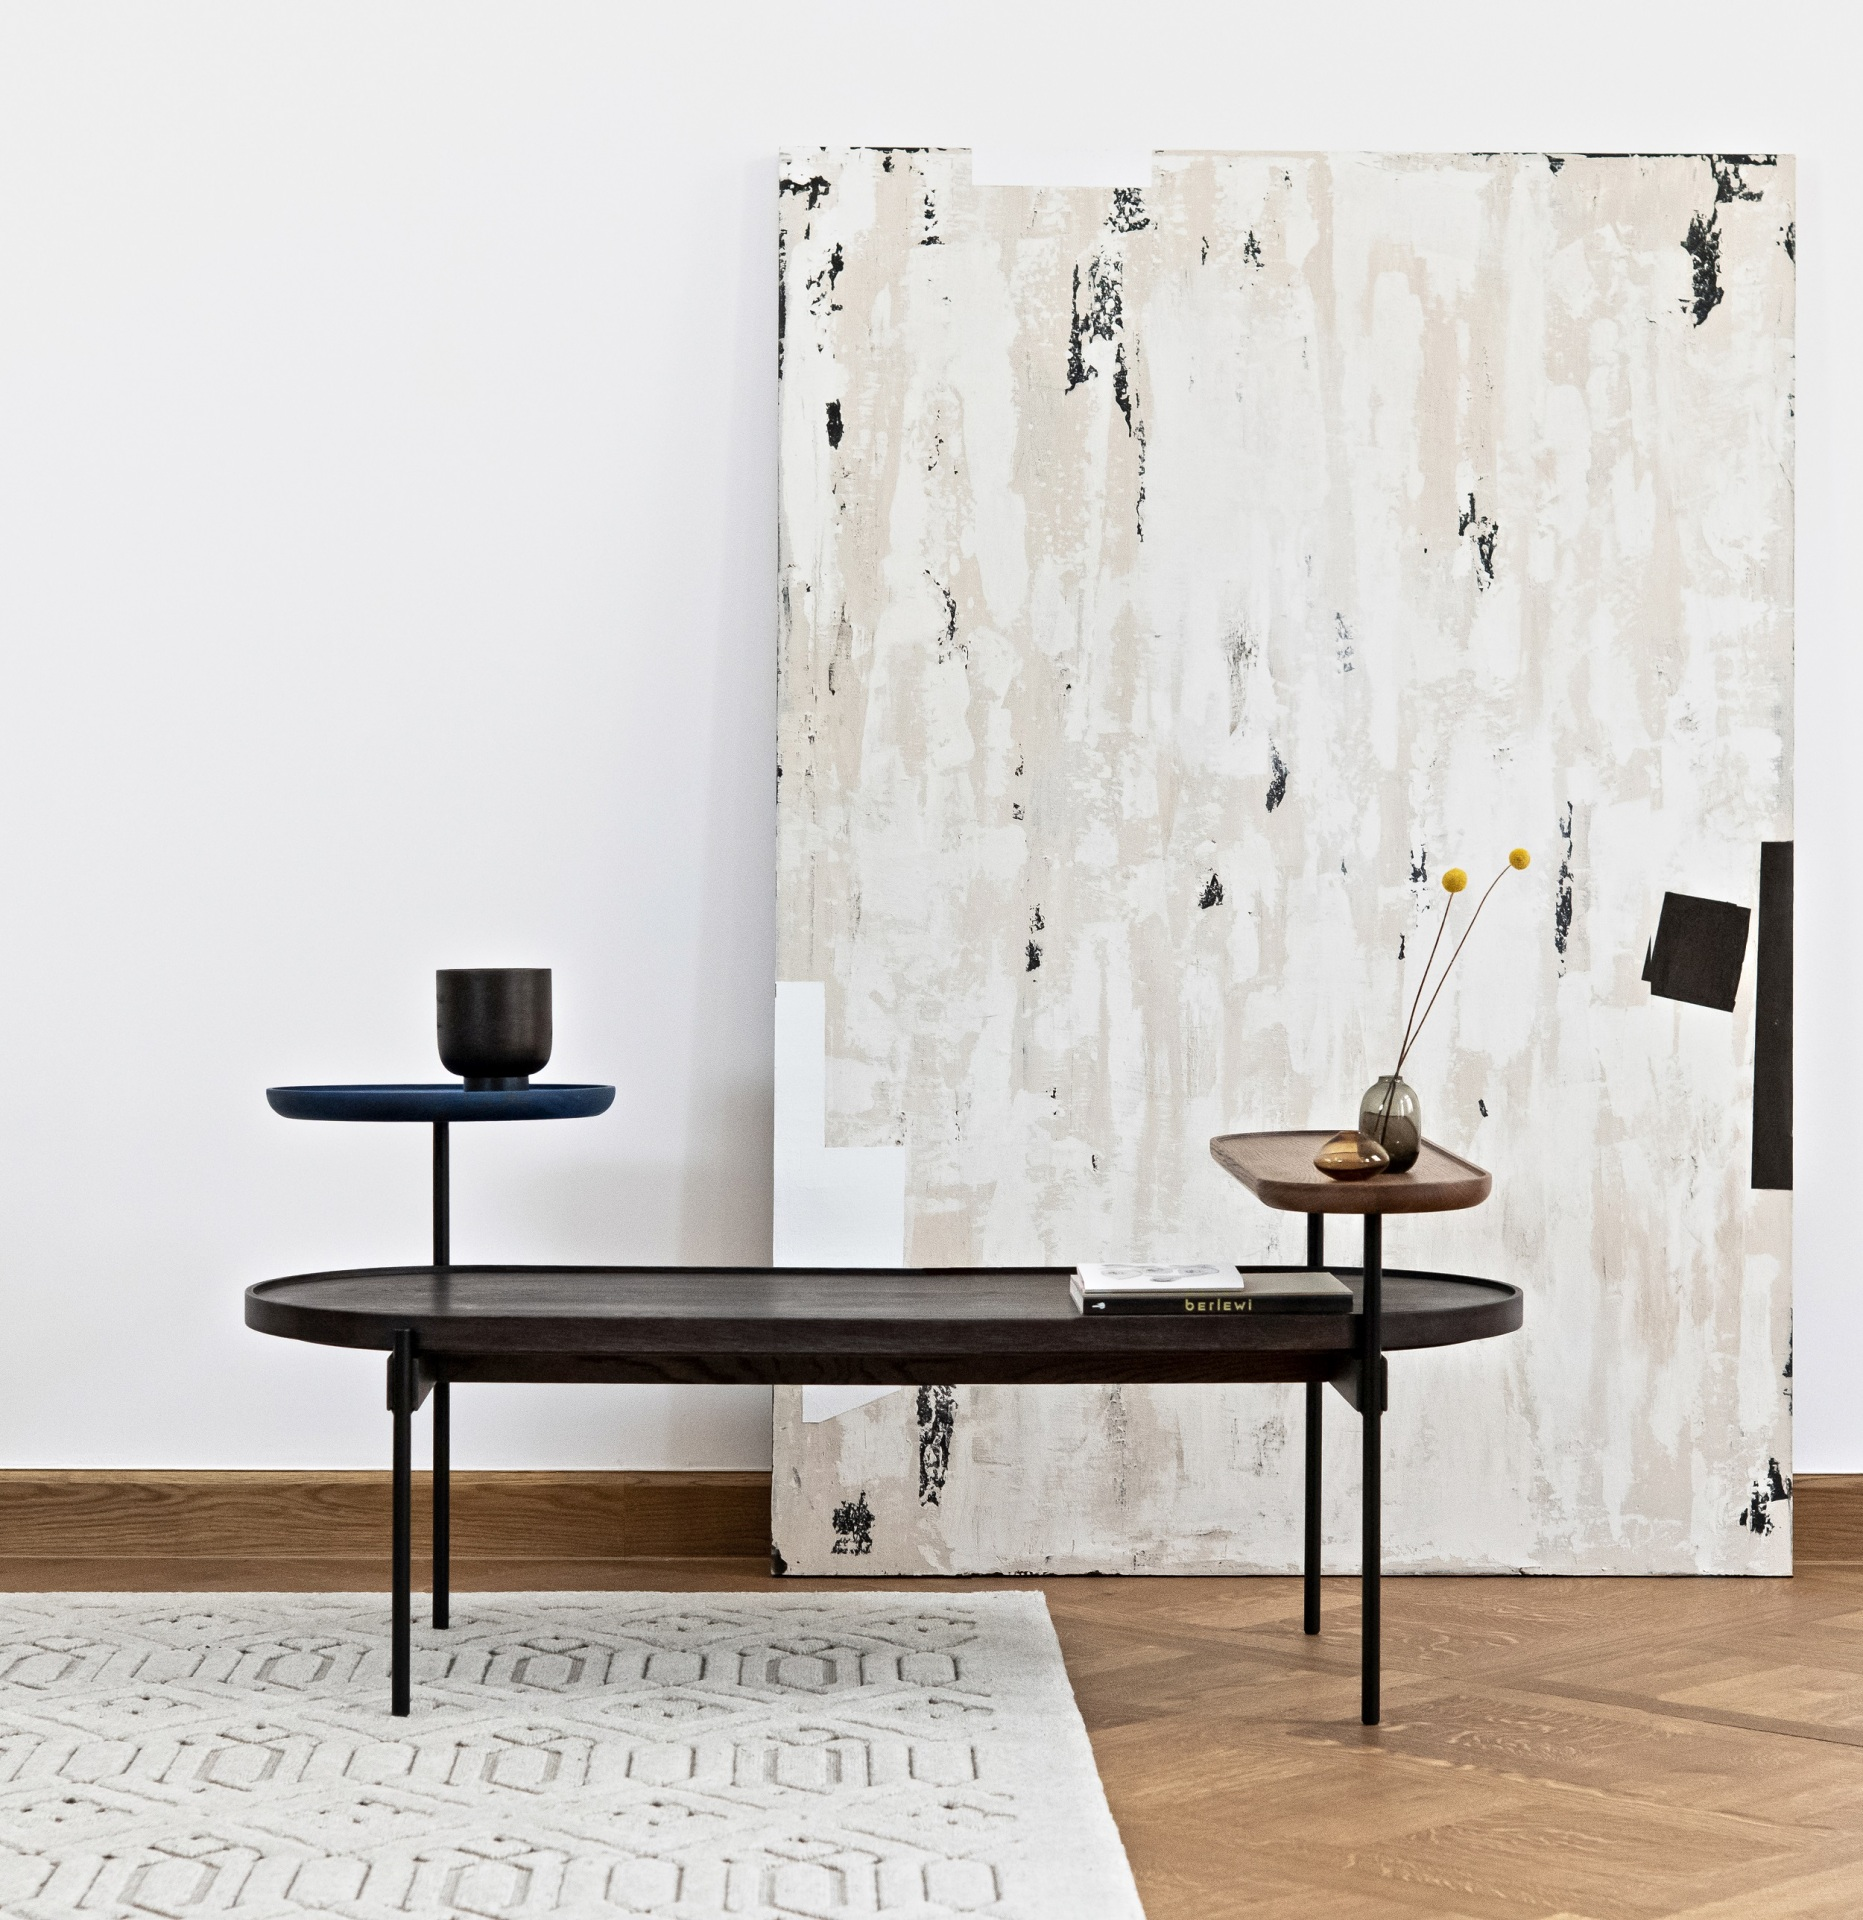 Metropoli_-FONDU-Furniture_designalive-4